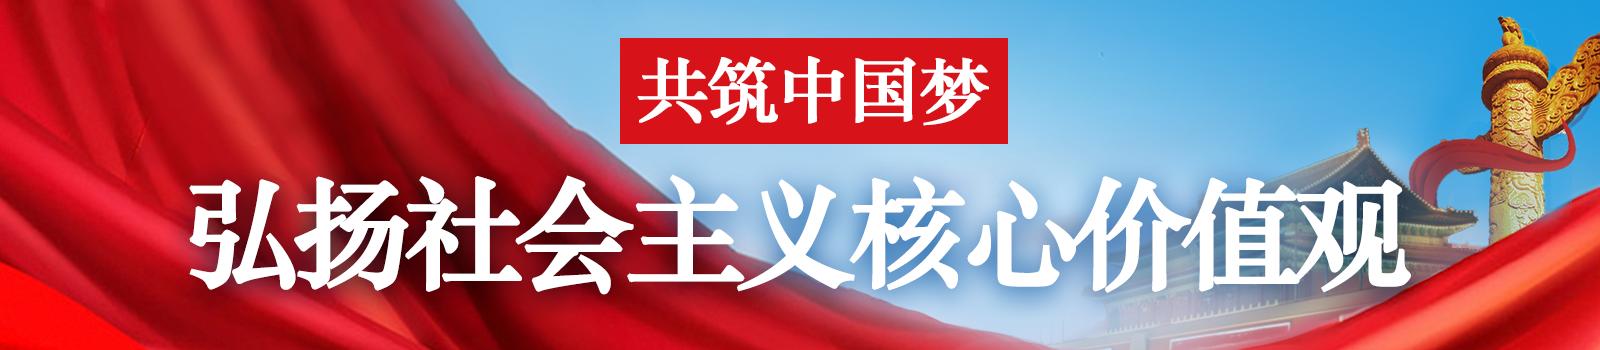 弘扬社会主义核心价值观 共筑中国梦 主题视频展播 --西藏局